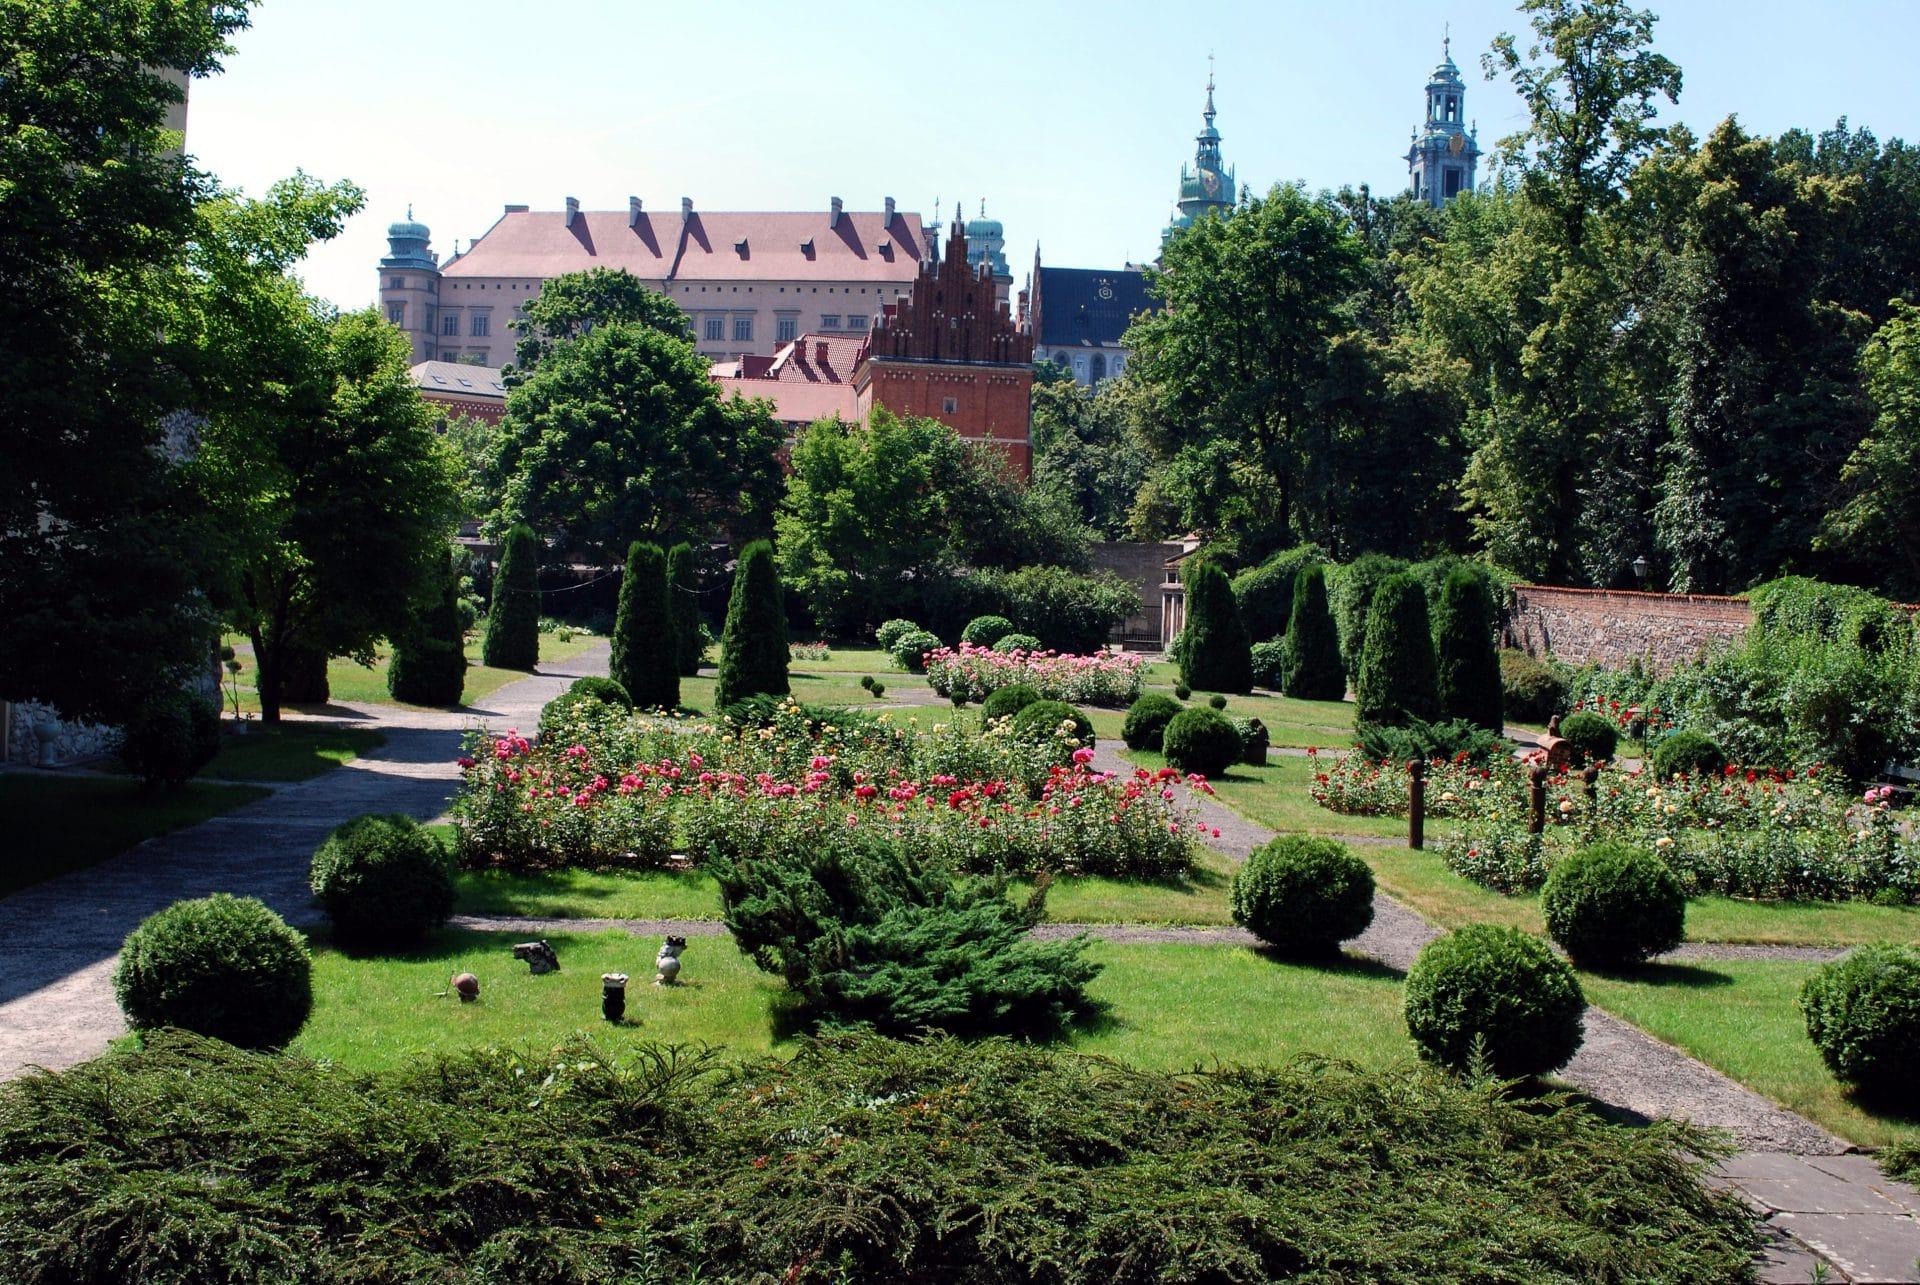 Ogród Muzeum Archeologicznego w Krakowie. Fot. Delimata/Wikimedia.